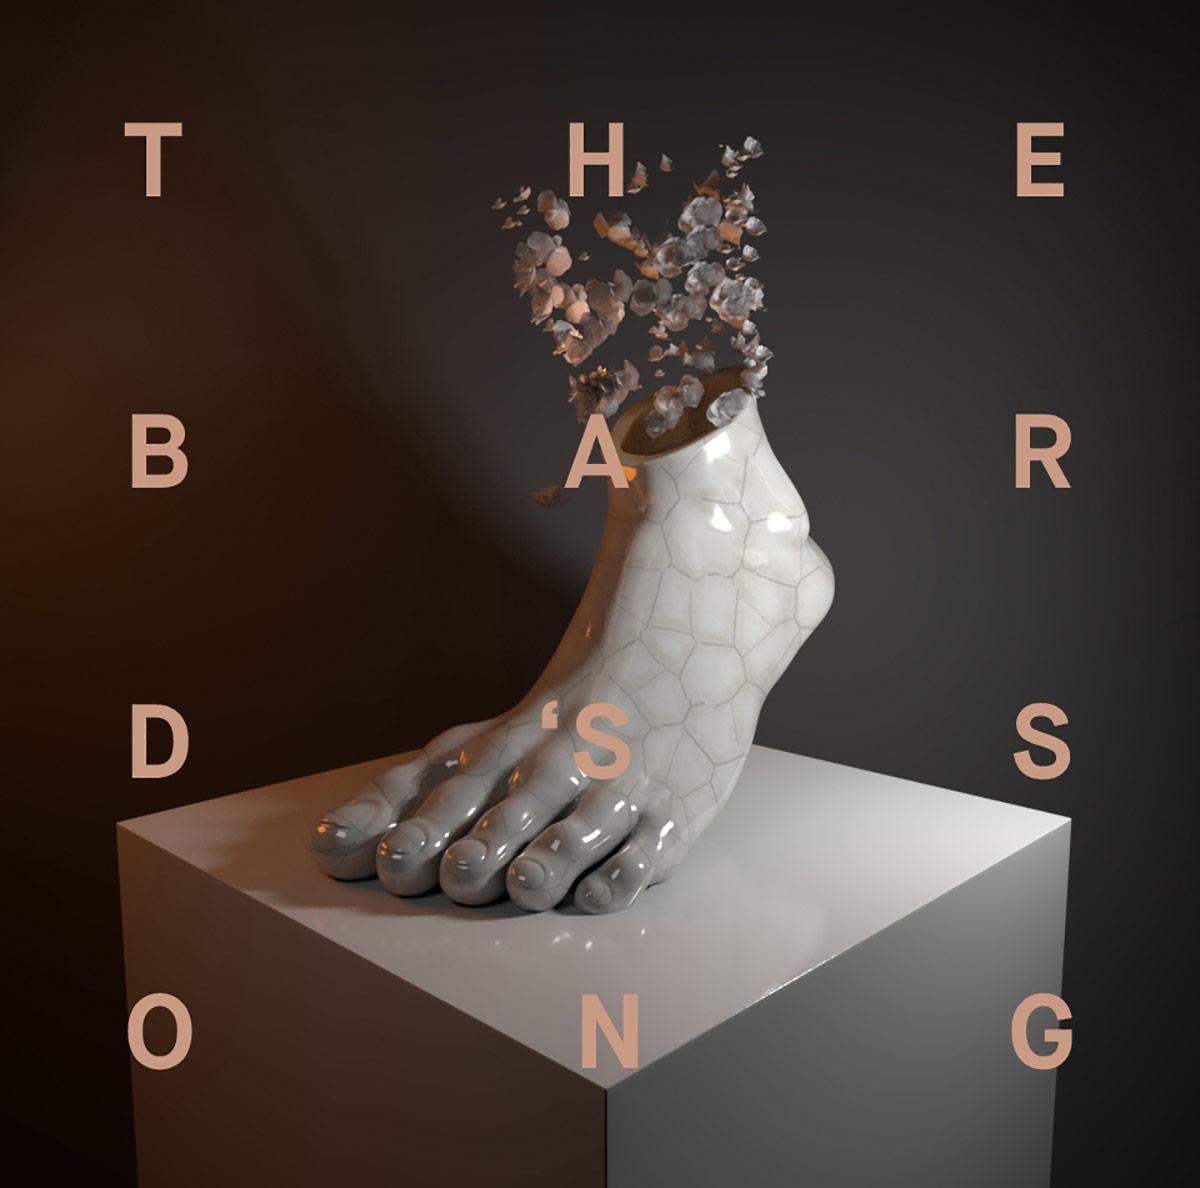 TheBardsSong